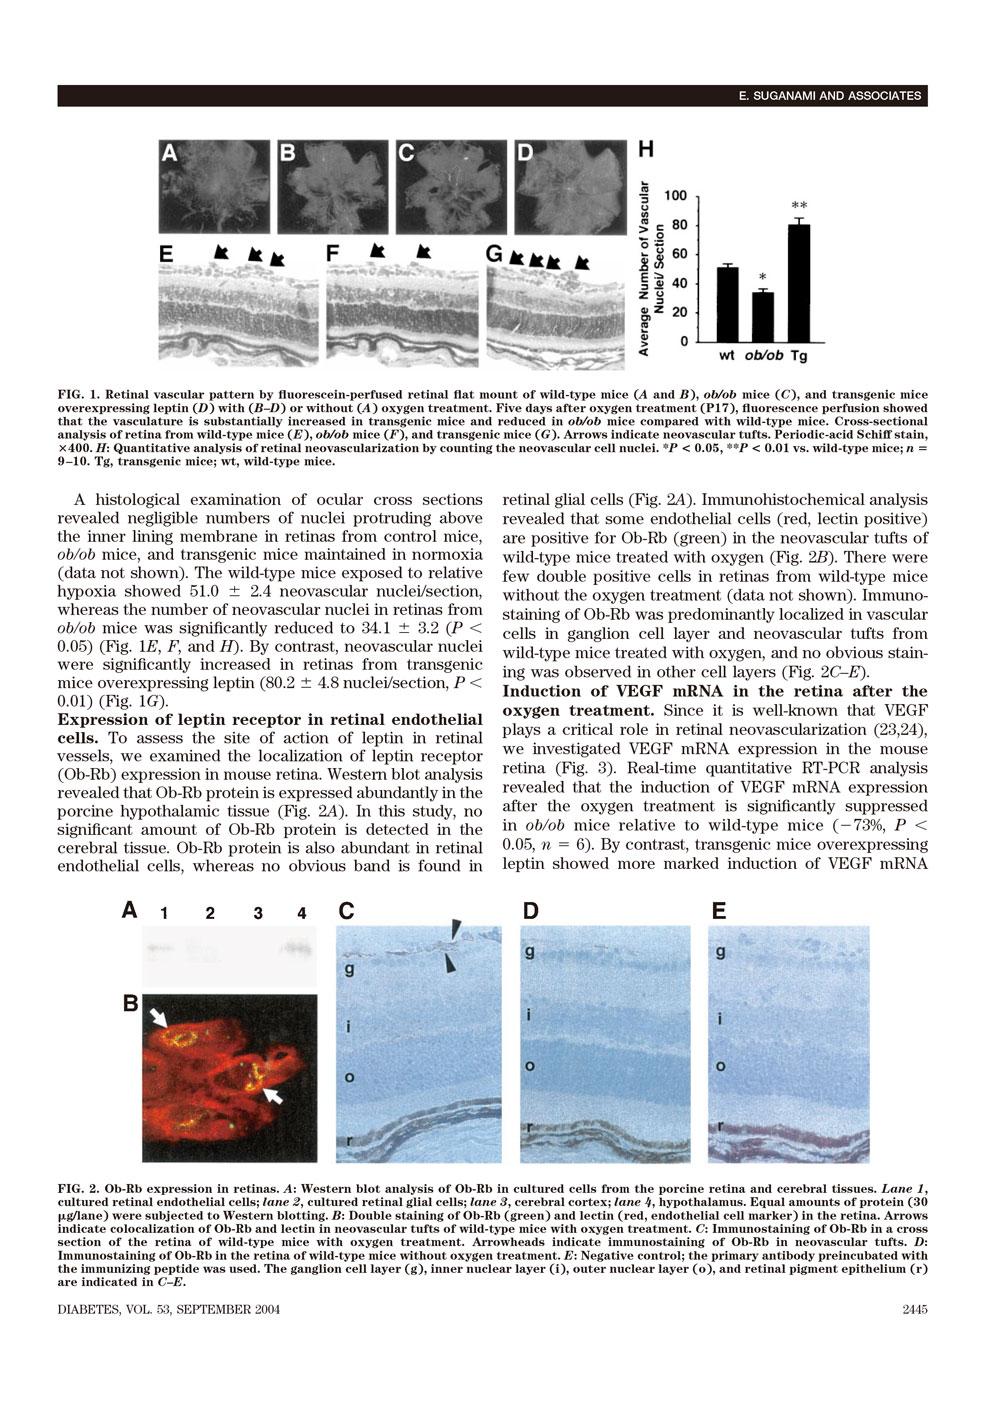 レプチンは虚血誘発性網膜血管新生を刺激する P3